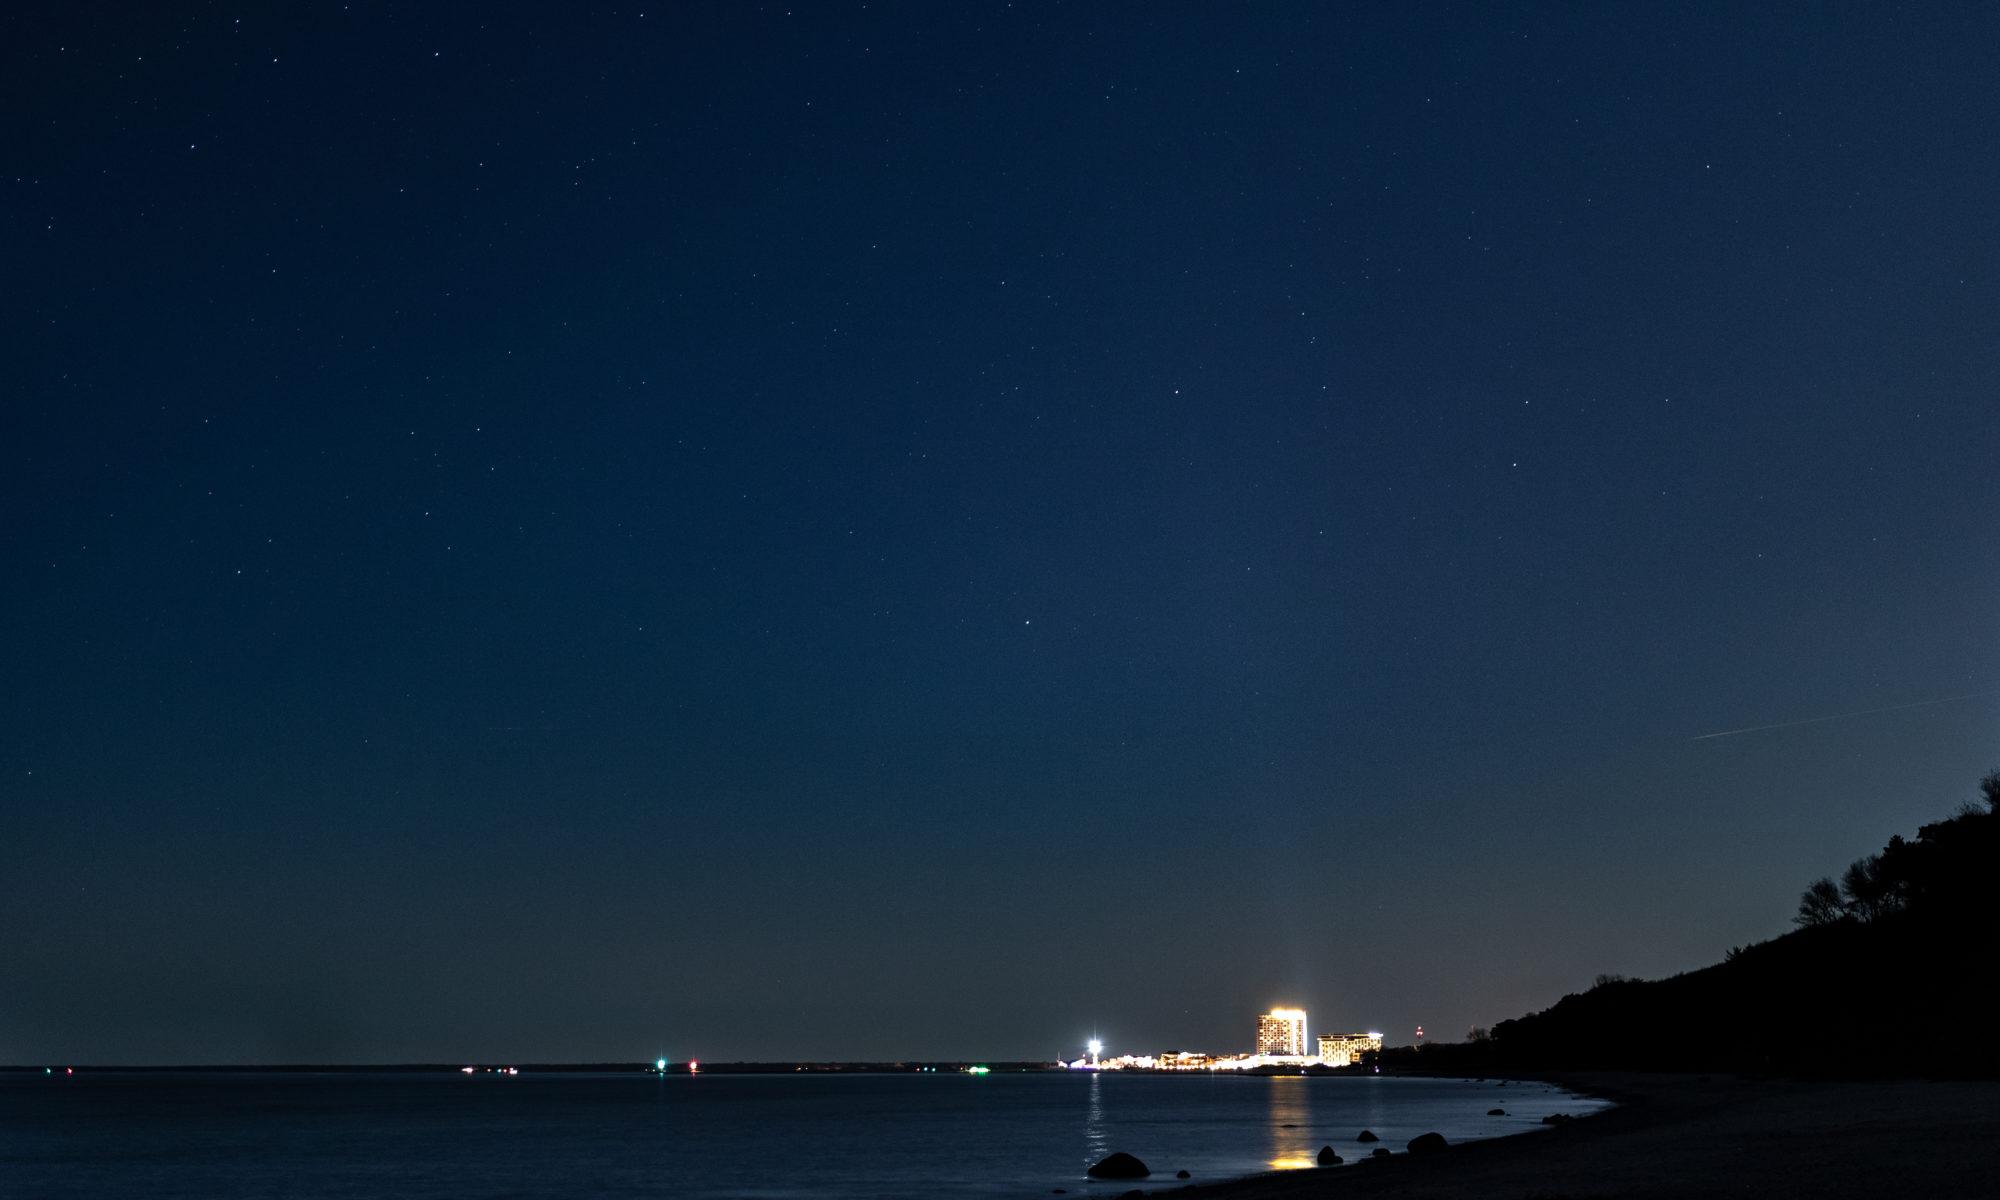 Das Foto zeigt Warnemünde nachts mit Sternenhimmel